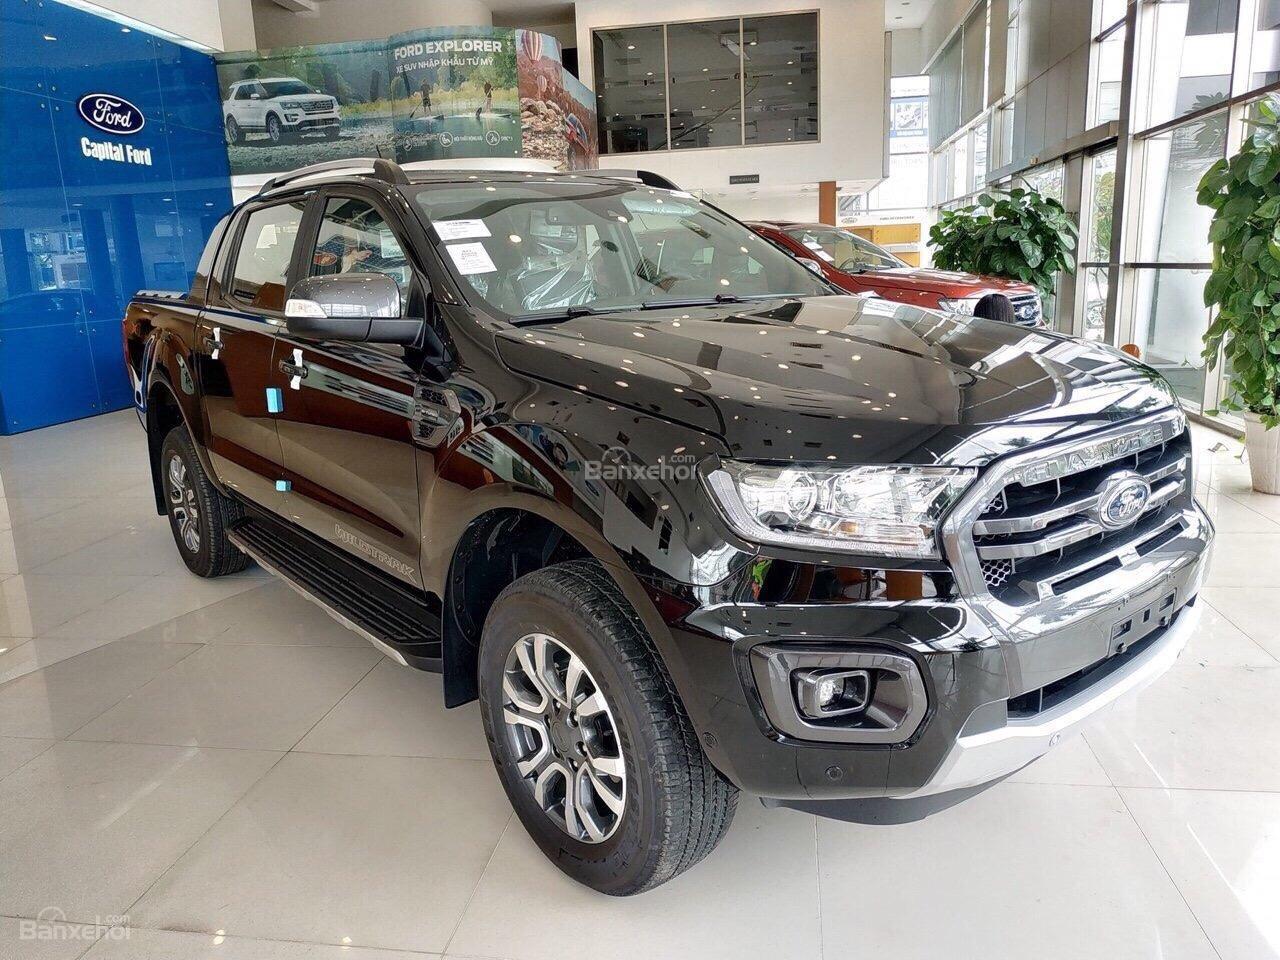 Bán Ford Ranger XLS, Wildtrak 2019 nhập khẩu giá tốt, đủ màu, xe giao ngay, trả góp 90%, liên hệ 0979 572 297 để ép giá (2)